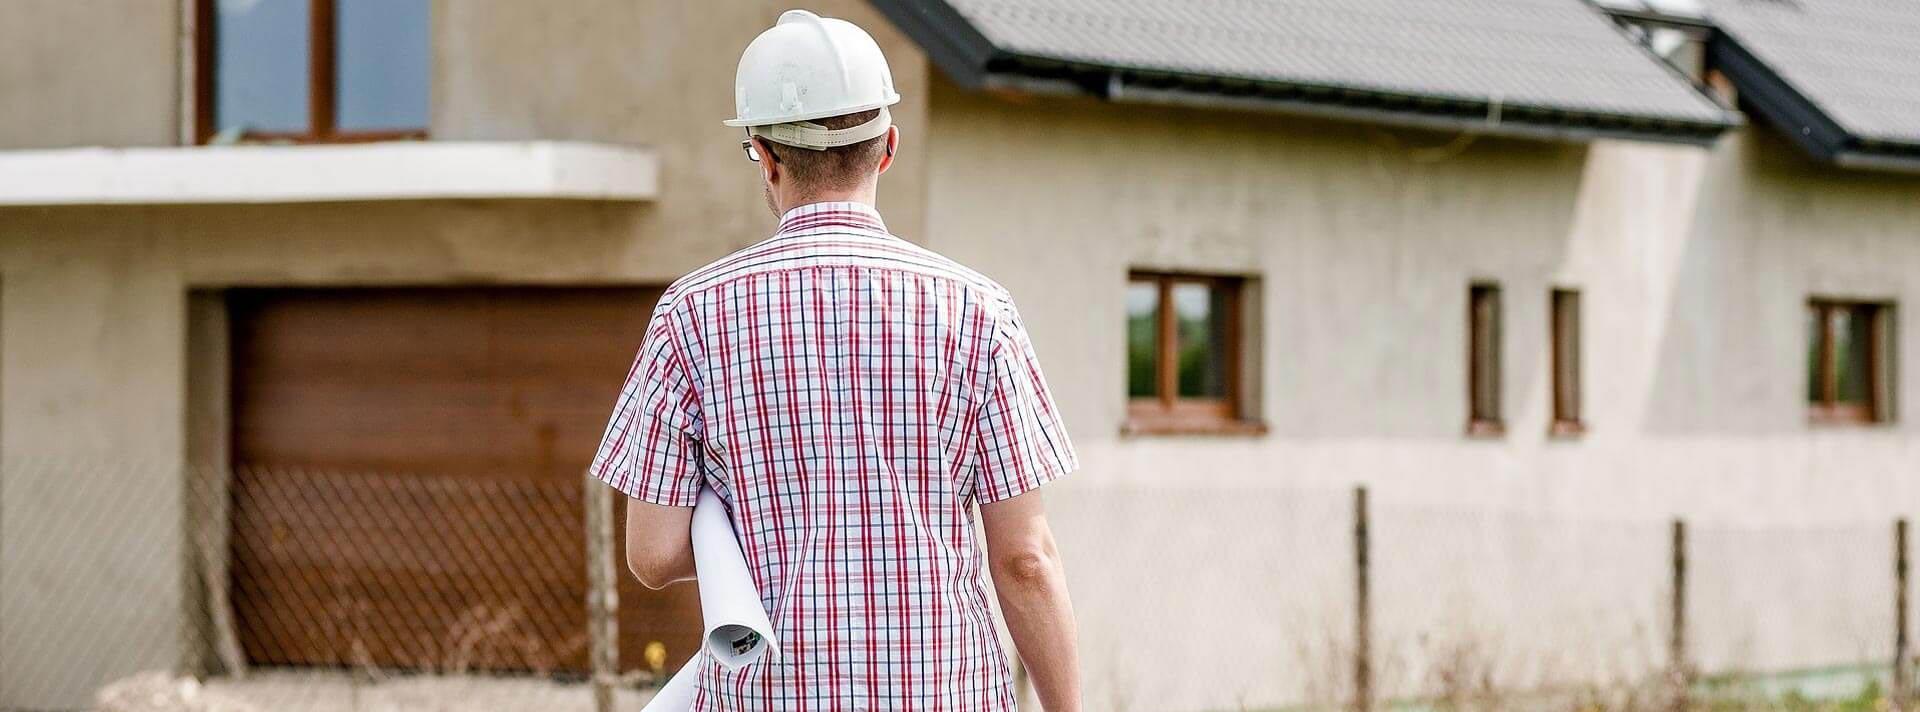 Bauarbeiter mit Helm und Bauplänen - KeMa Baudienstleistungen bei Augsburg